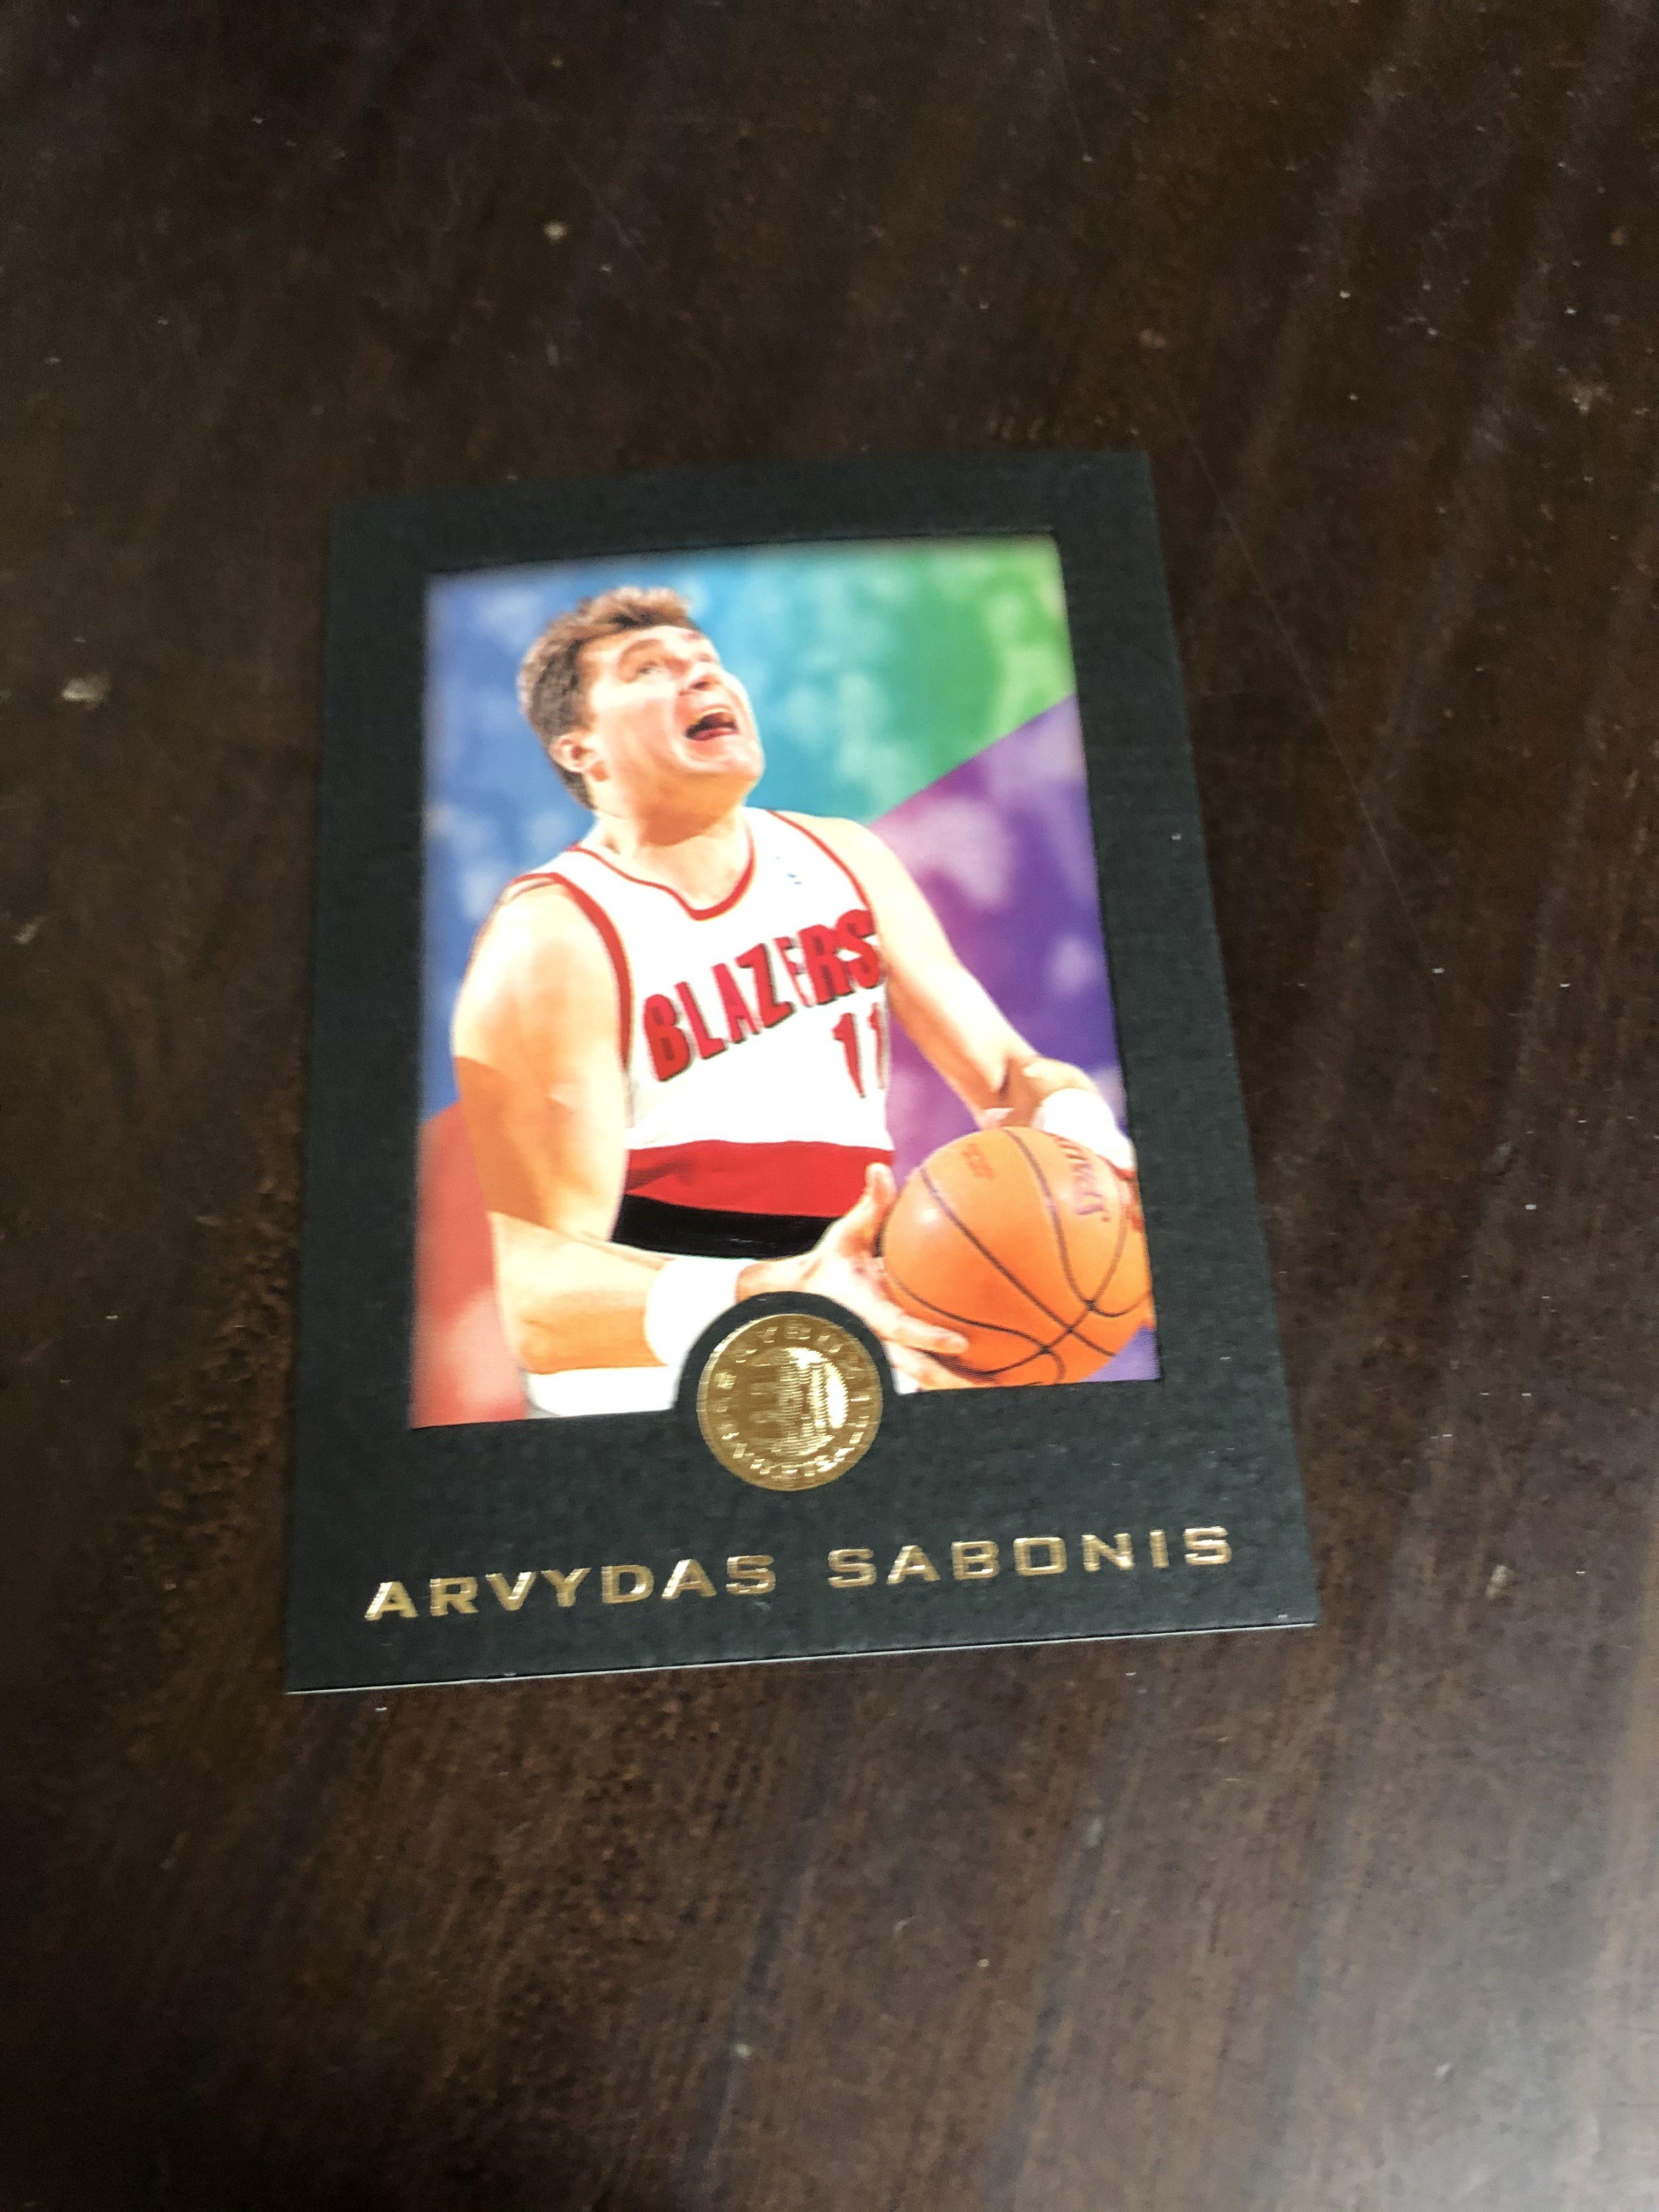 ARVYDAS SABONIS    95-96 SKYBOX EXL RC 黑色版 68 高單價相框卡 前後卡況如圖